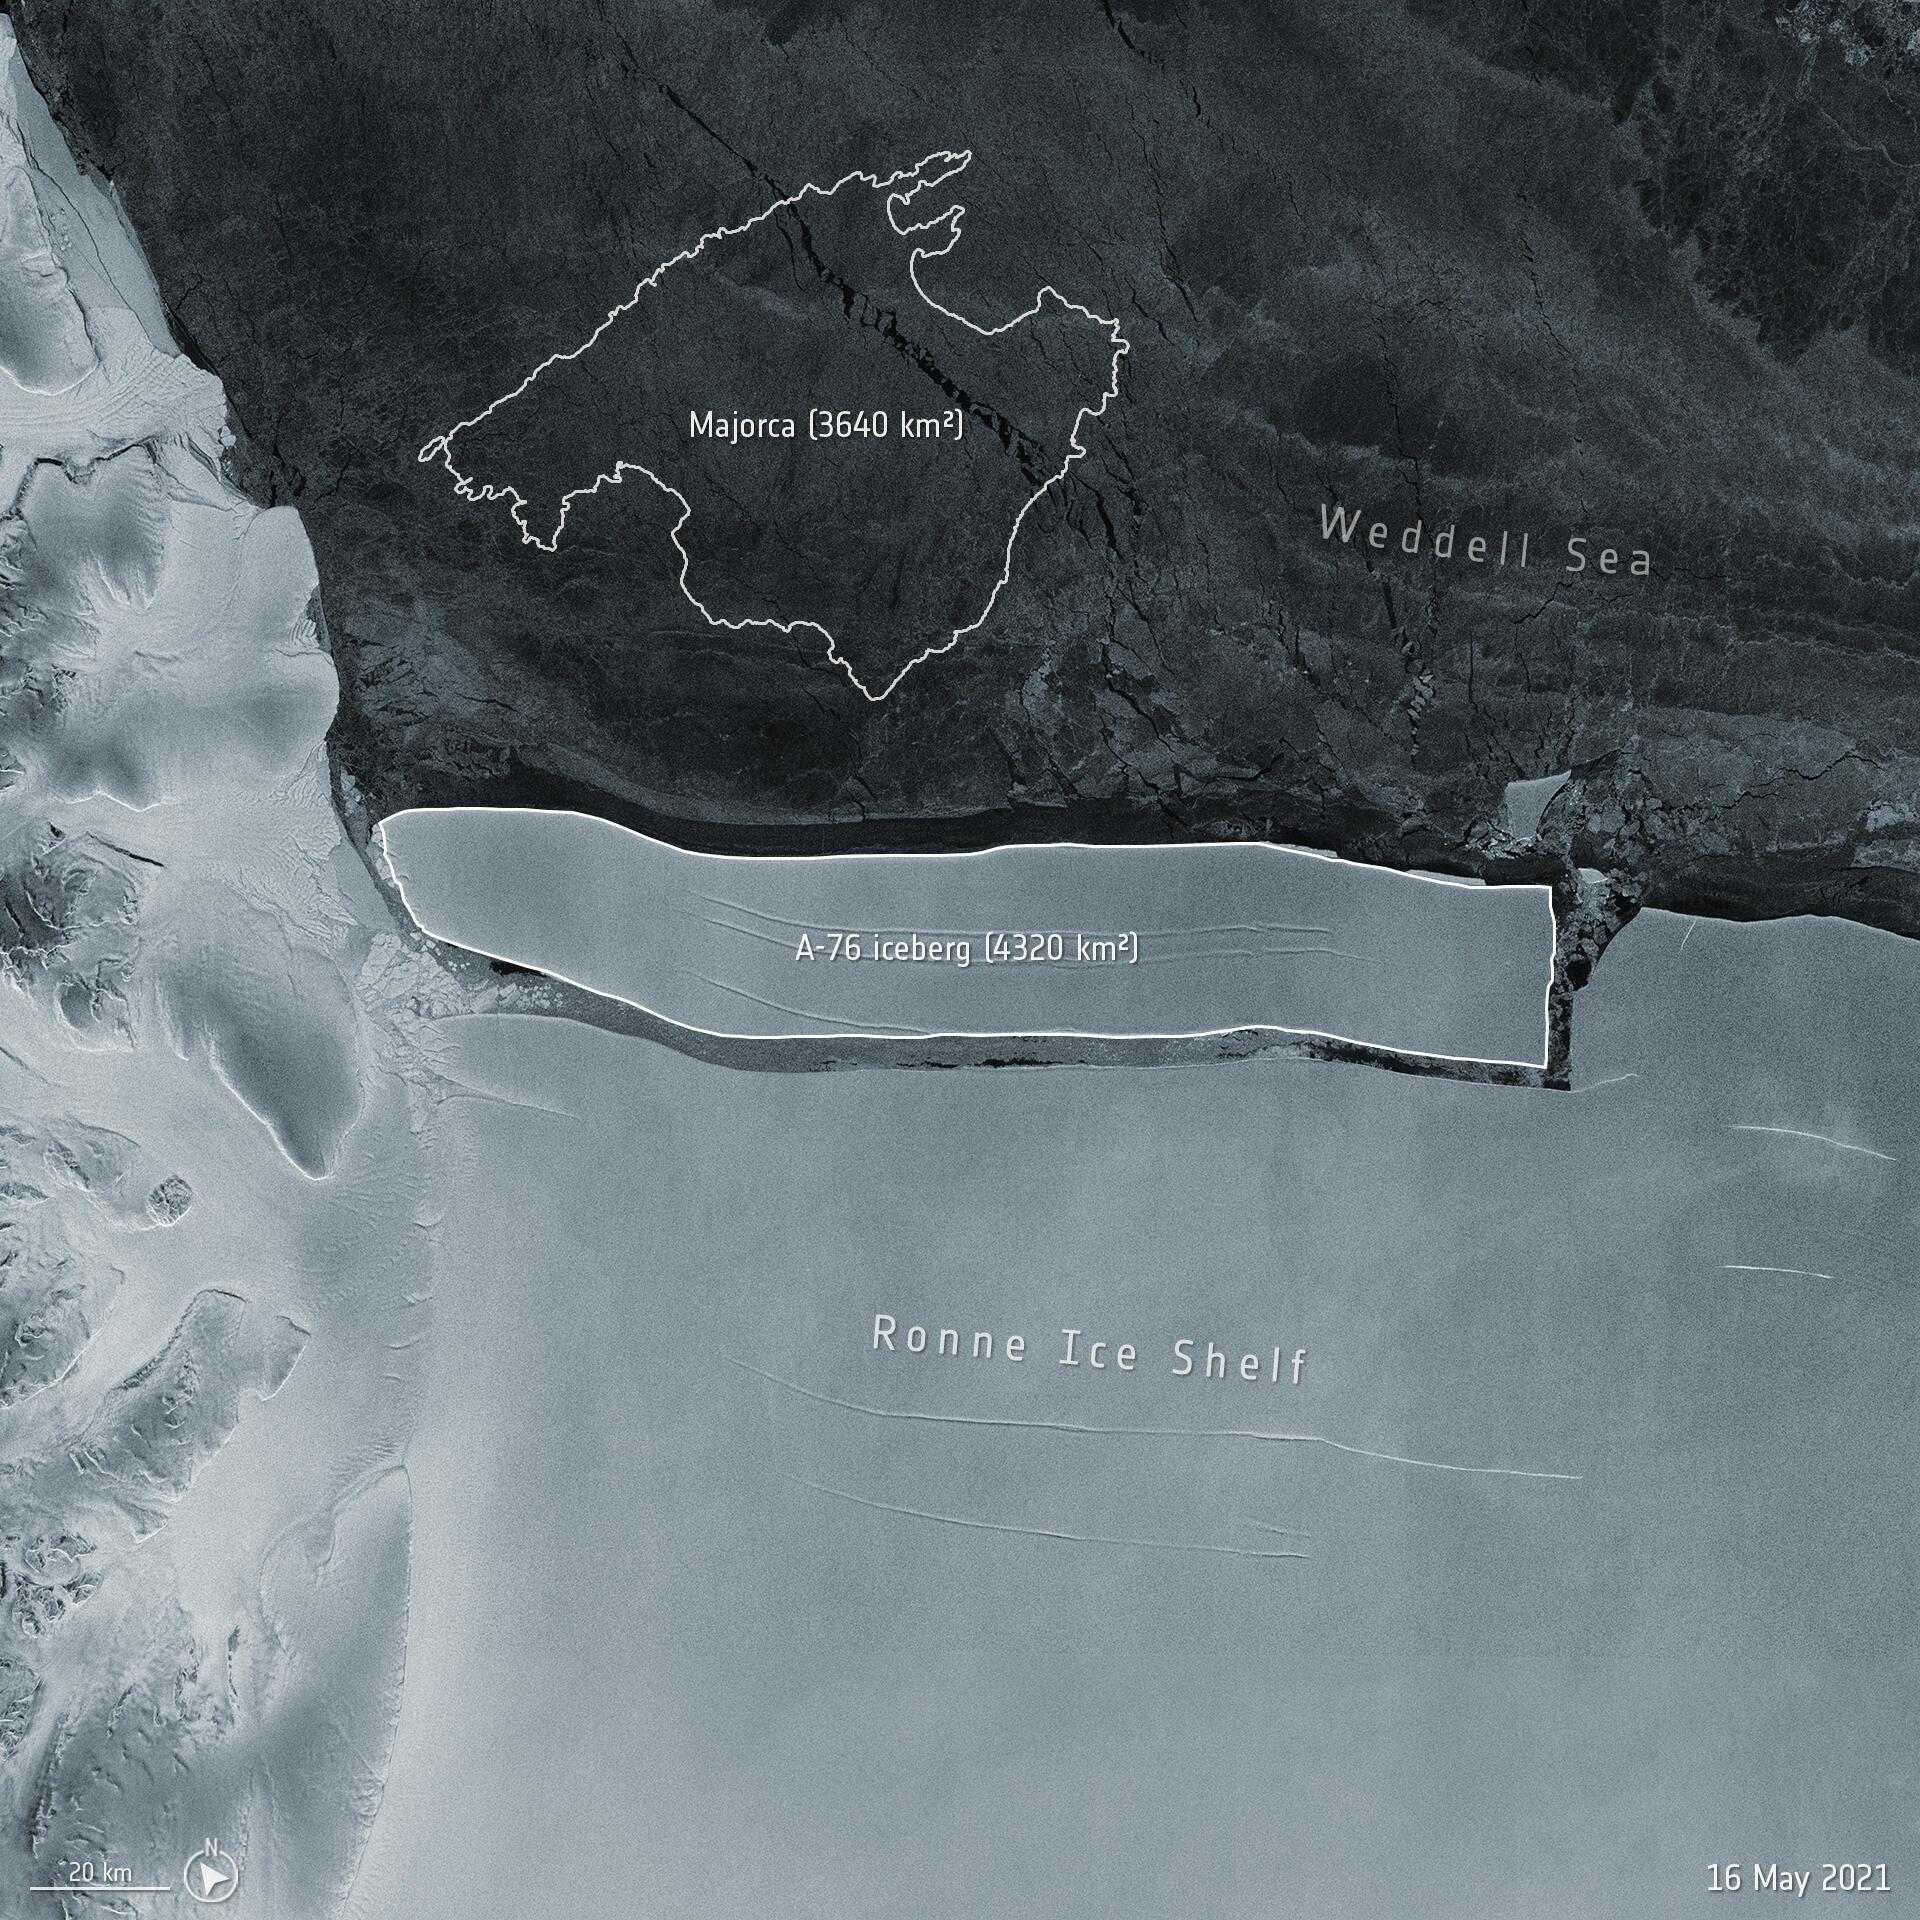 El gigantesco iceberg desprendido de la banquisa de Ronne, en la Antártida, en una imagen divulgada por la Agencia Espacial Europea el 20 de mayo de 2021 y tomada el 9 de marzo, en la que se superpone una silueta de la isla española de Mallorca